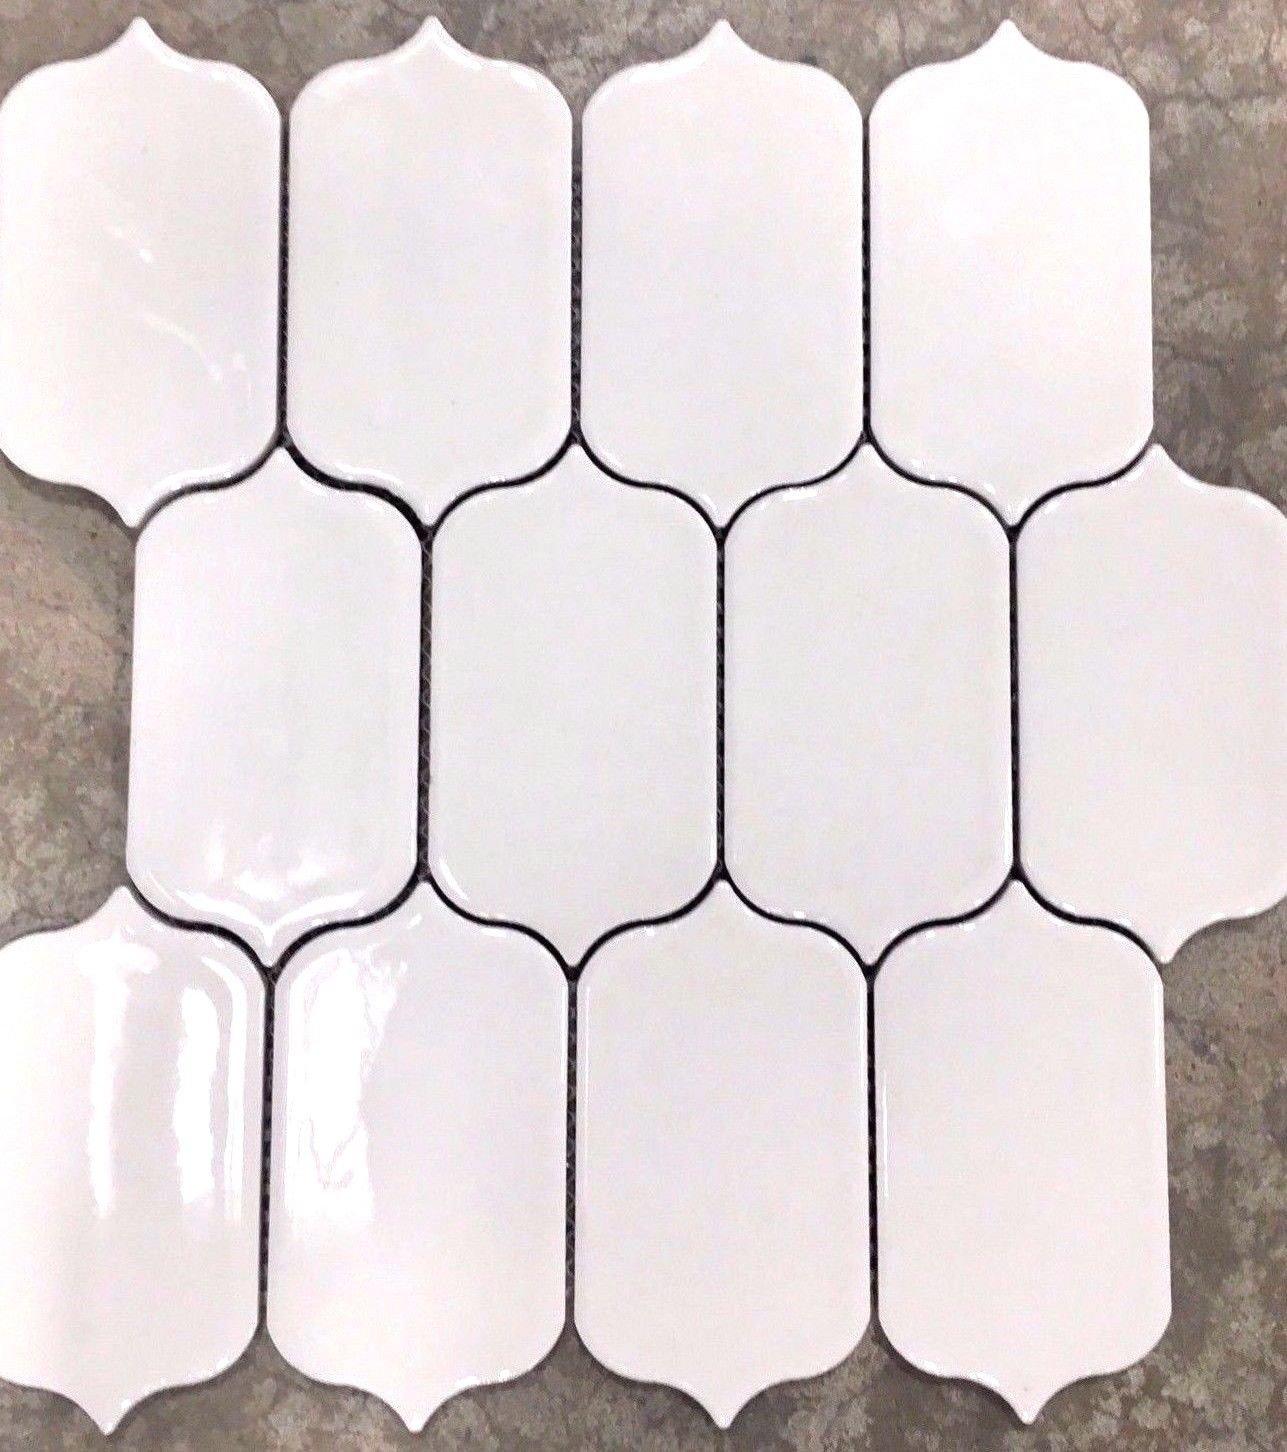 Paddle Shape White Tile Mosaic Kitchen Backsplash Bath